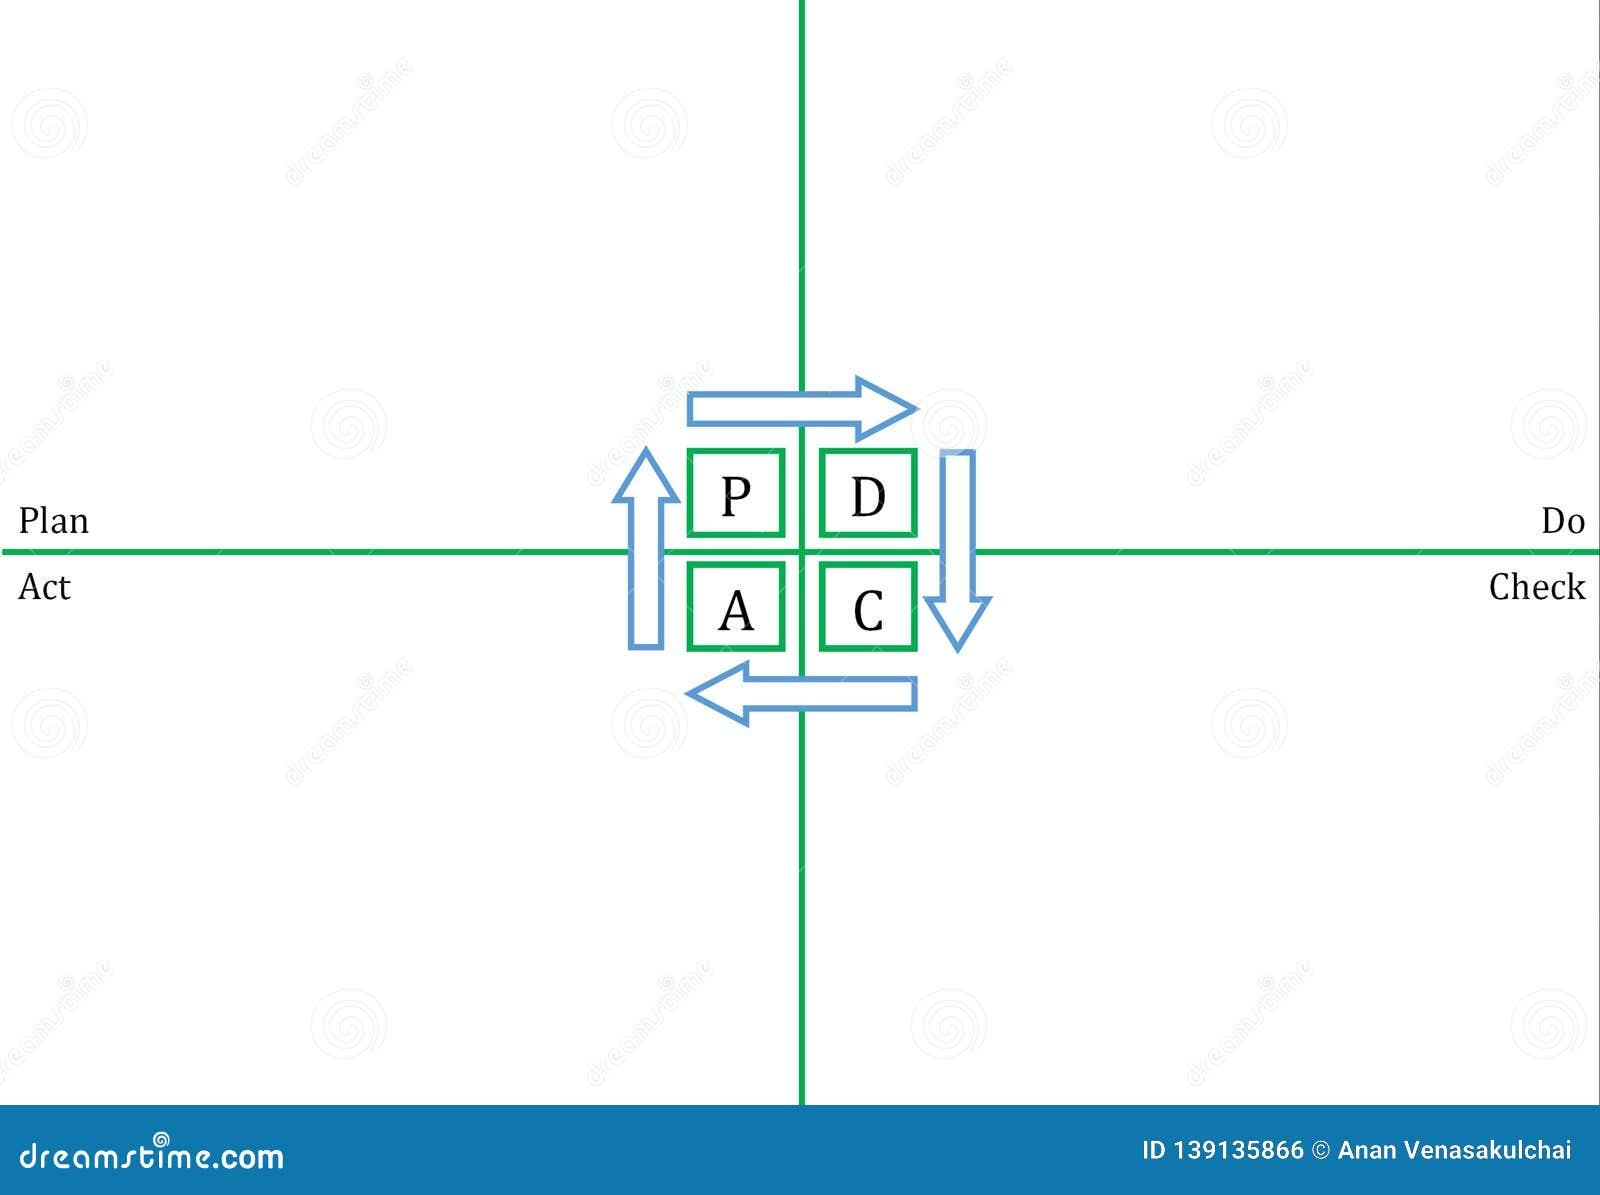 PDCA template - horizontal